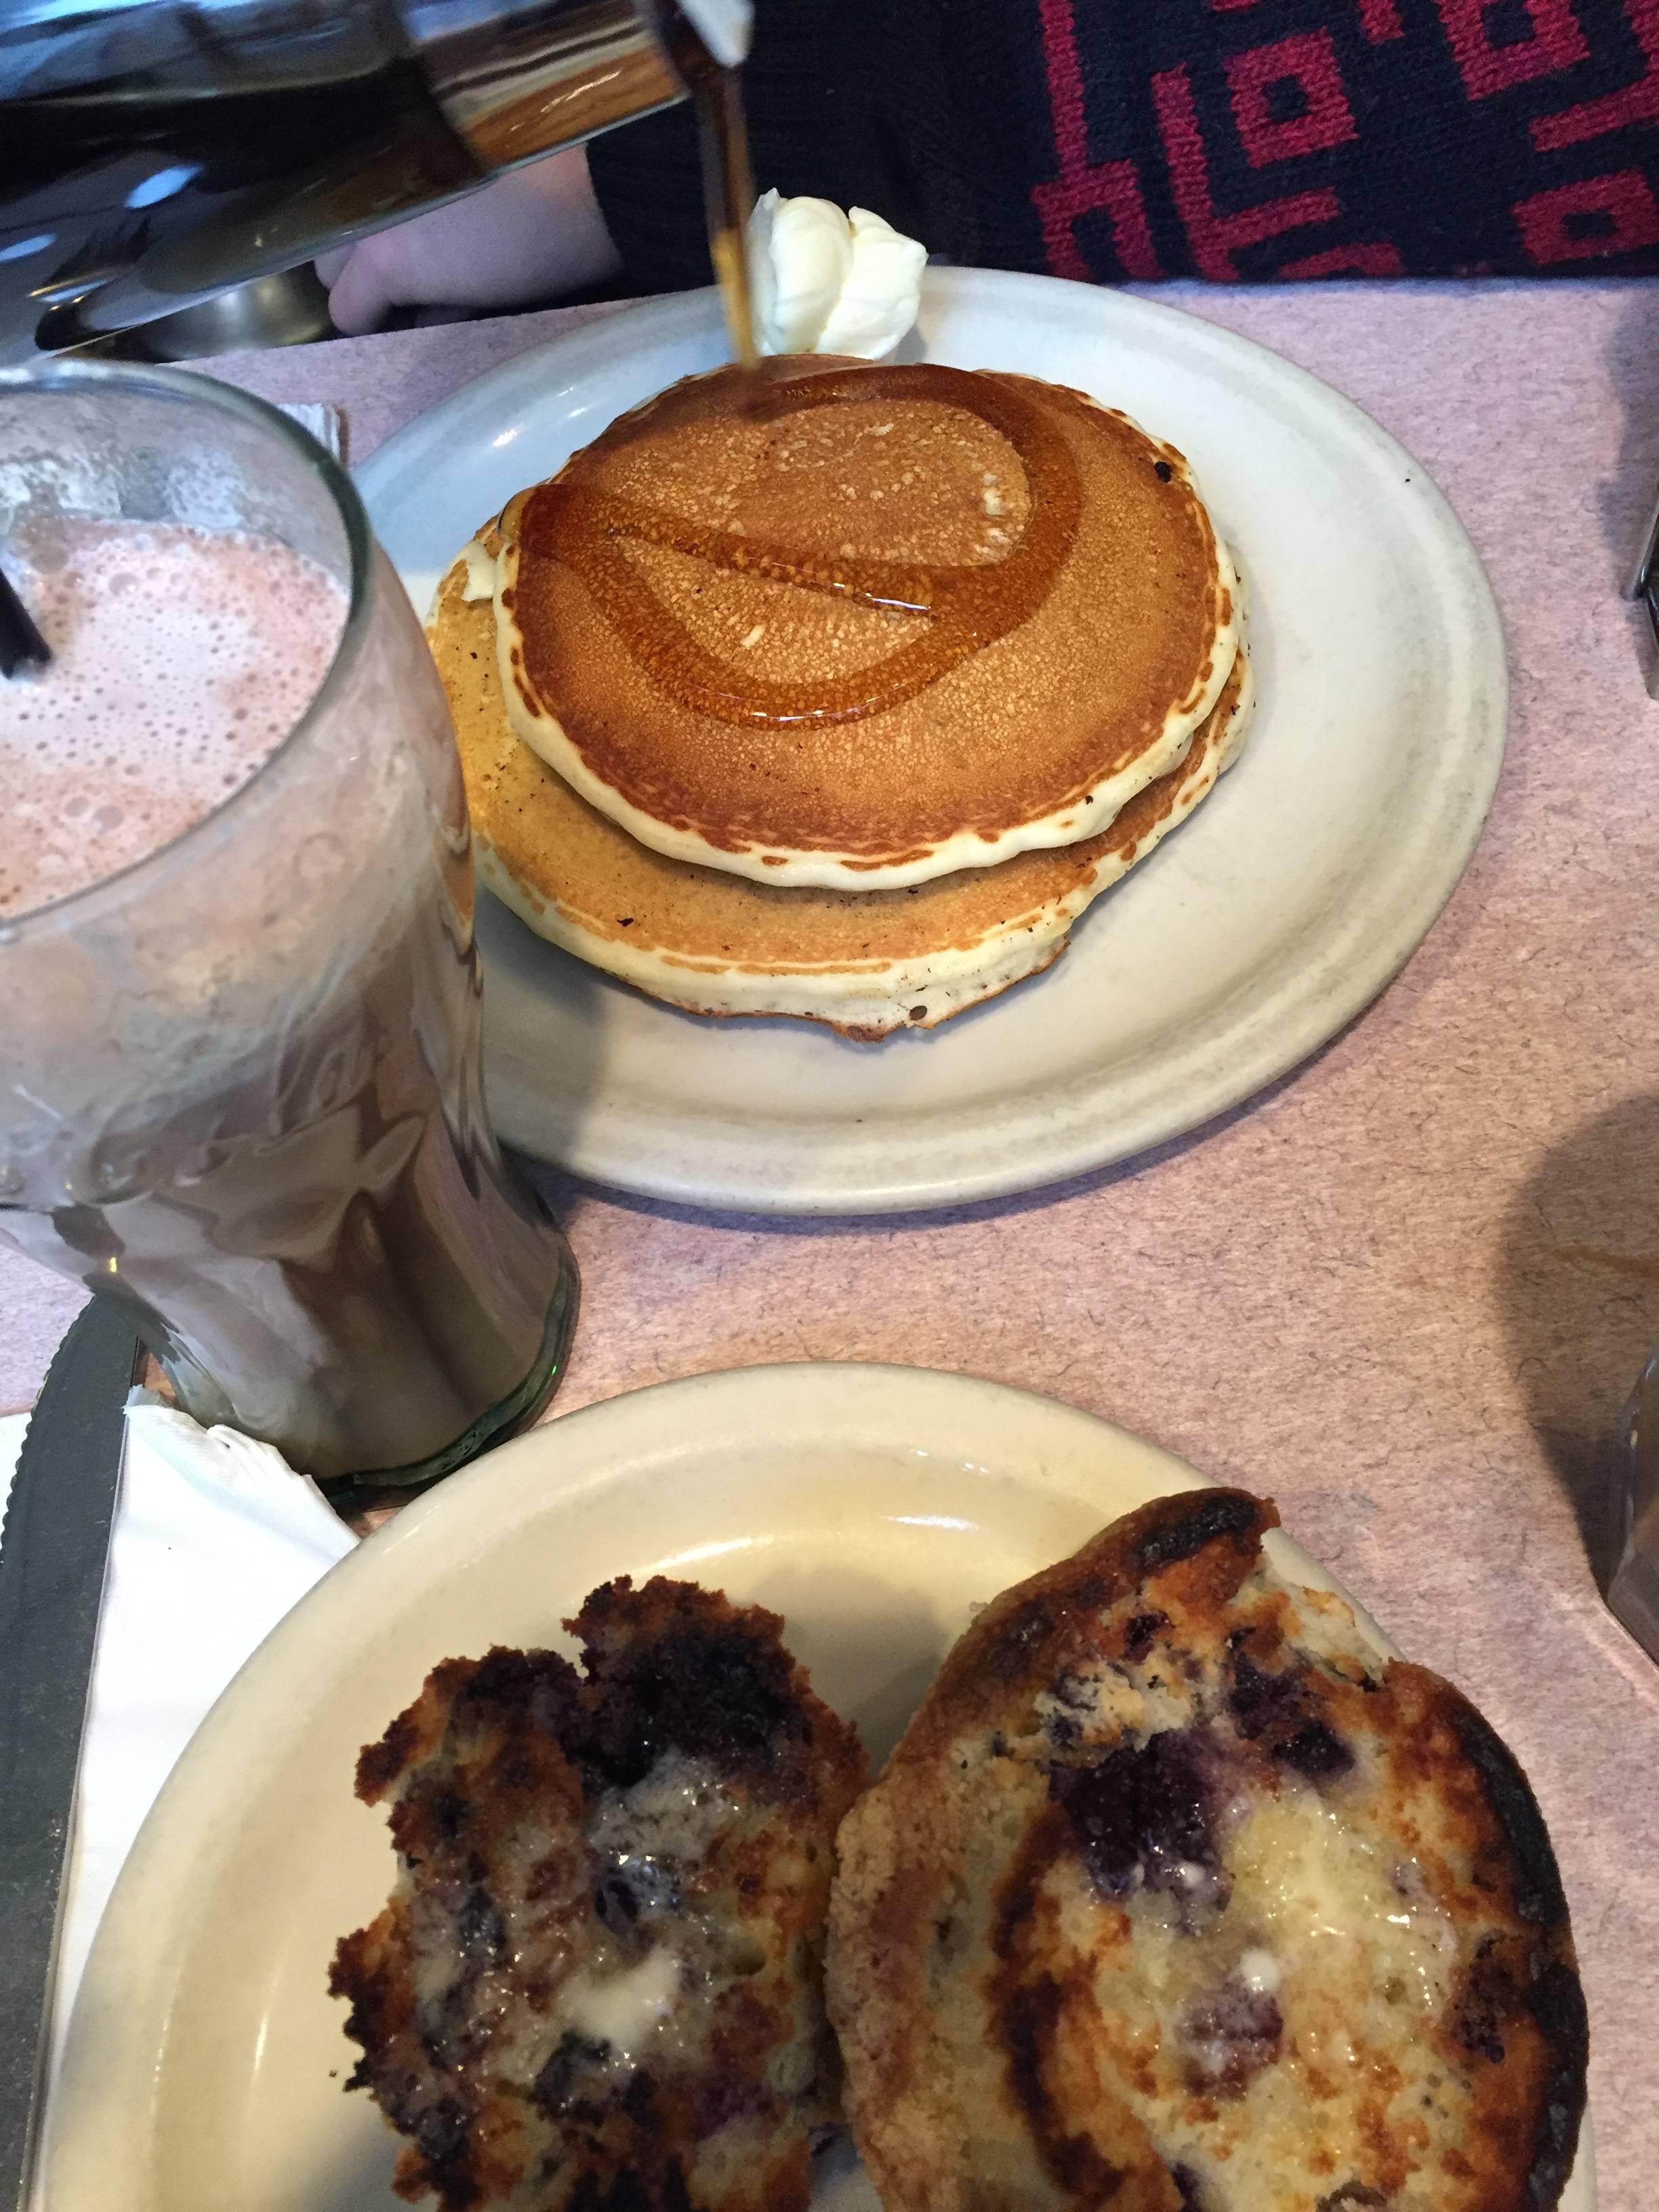 Photo 1: Le meilleur Milkshake de ma vie. #cestpasuneblague